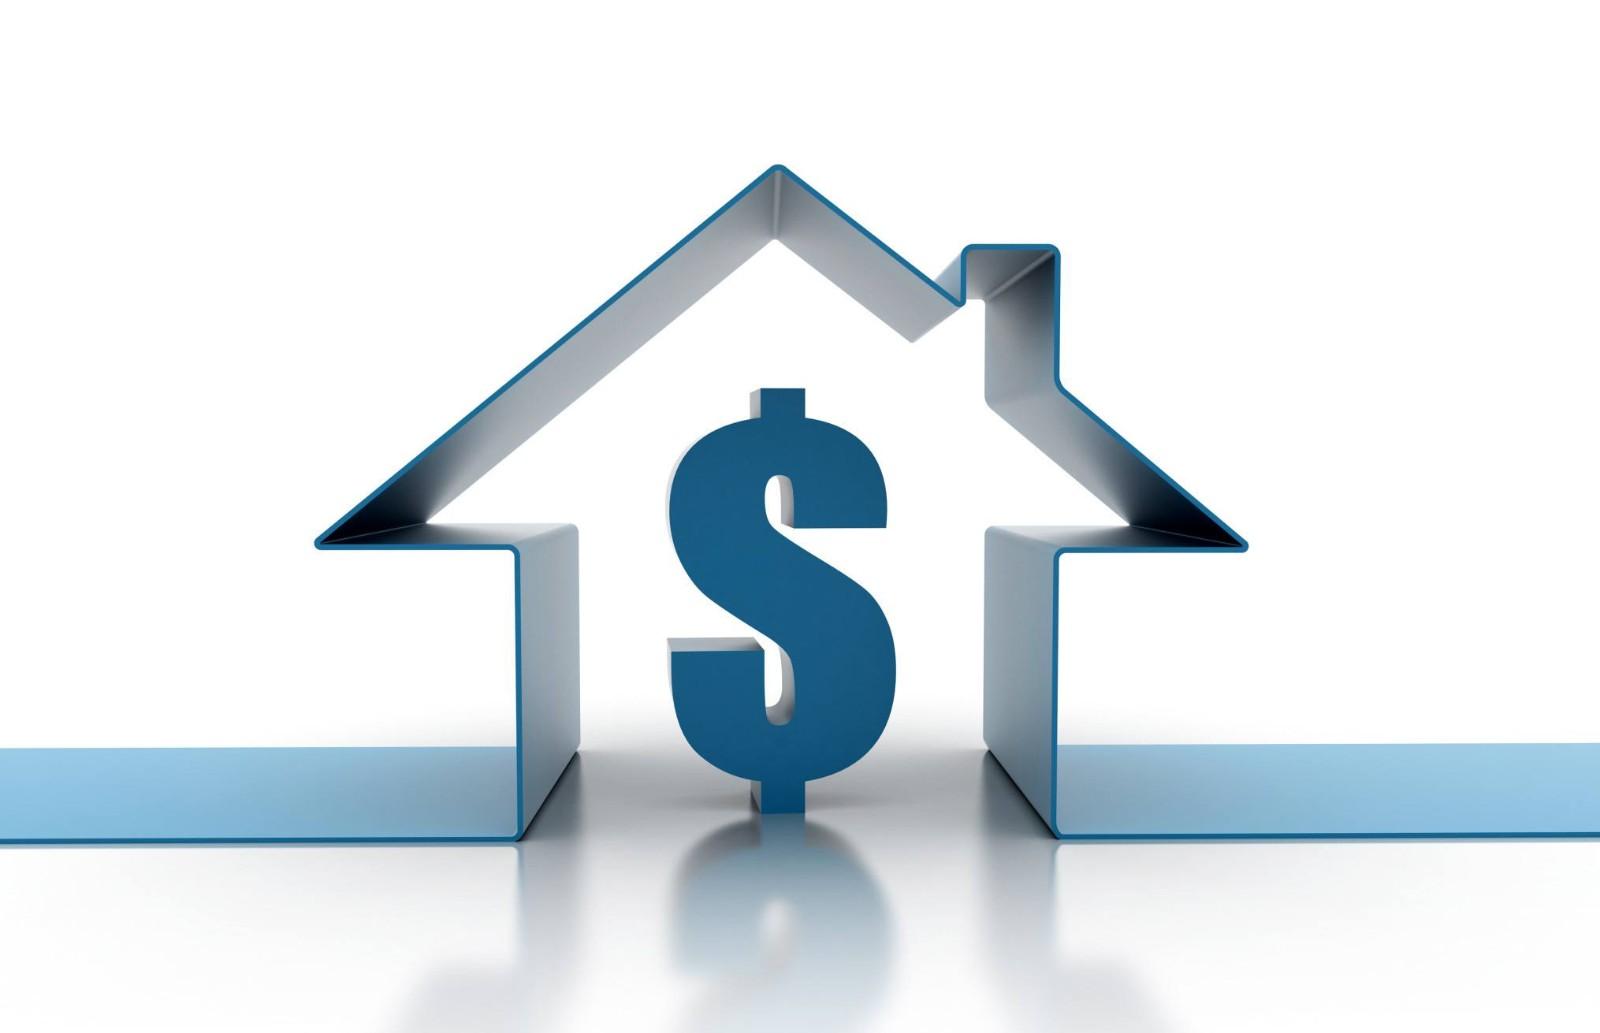 邹,中国社会科学院:新加坡的住房模式能在中国成功复制吗?